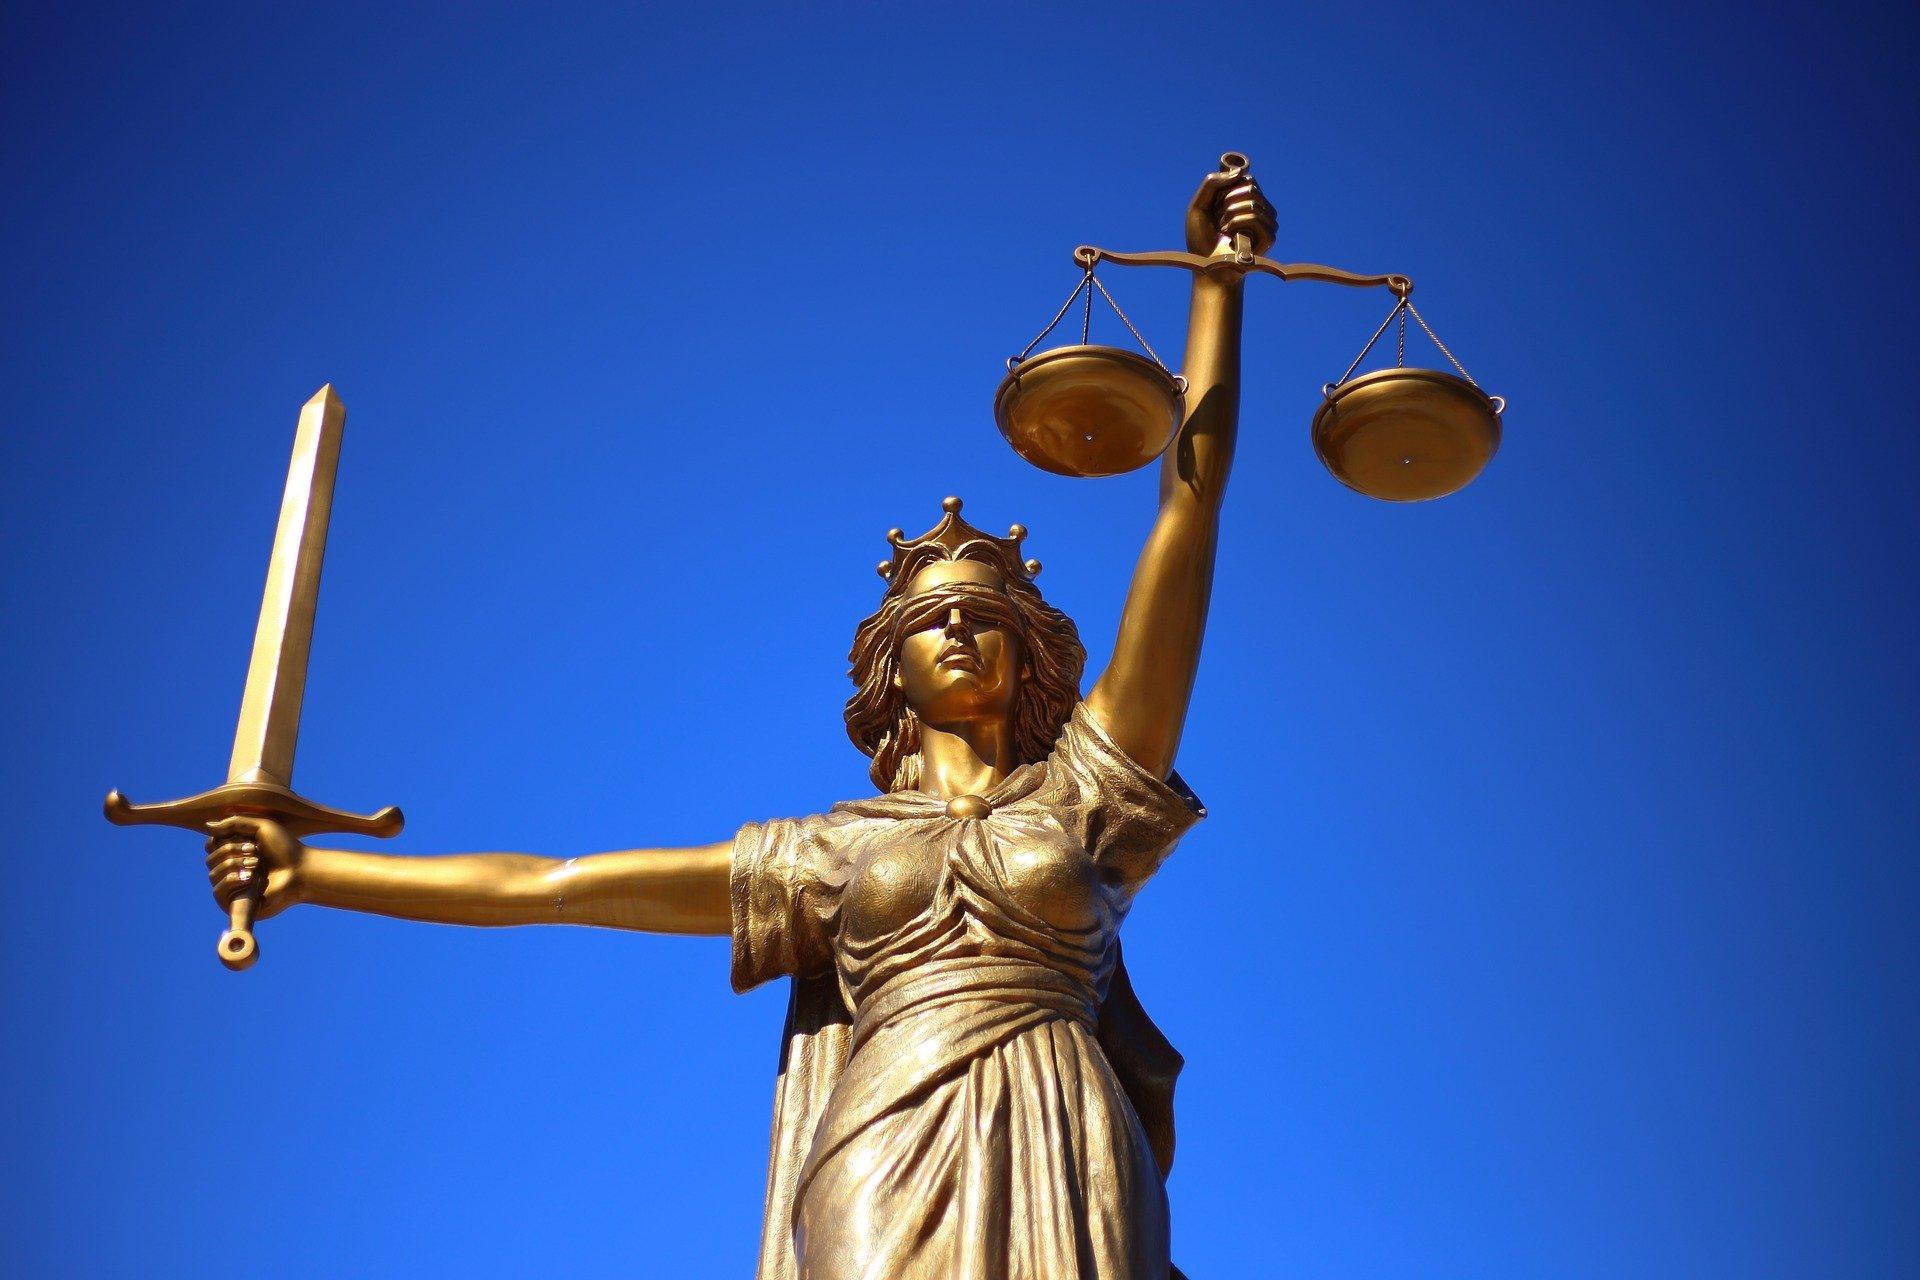 Zmiany w kodeksie wykroczeń: areszt za utrudnianie zdalnego nauczania i patostreamy 27